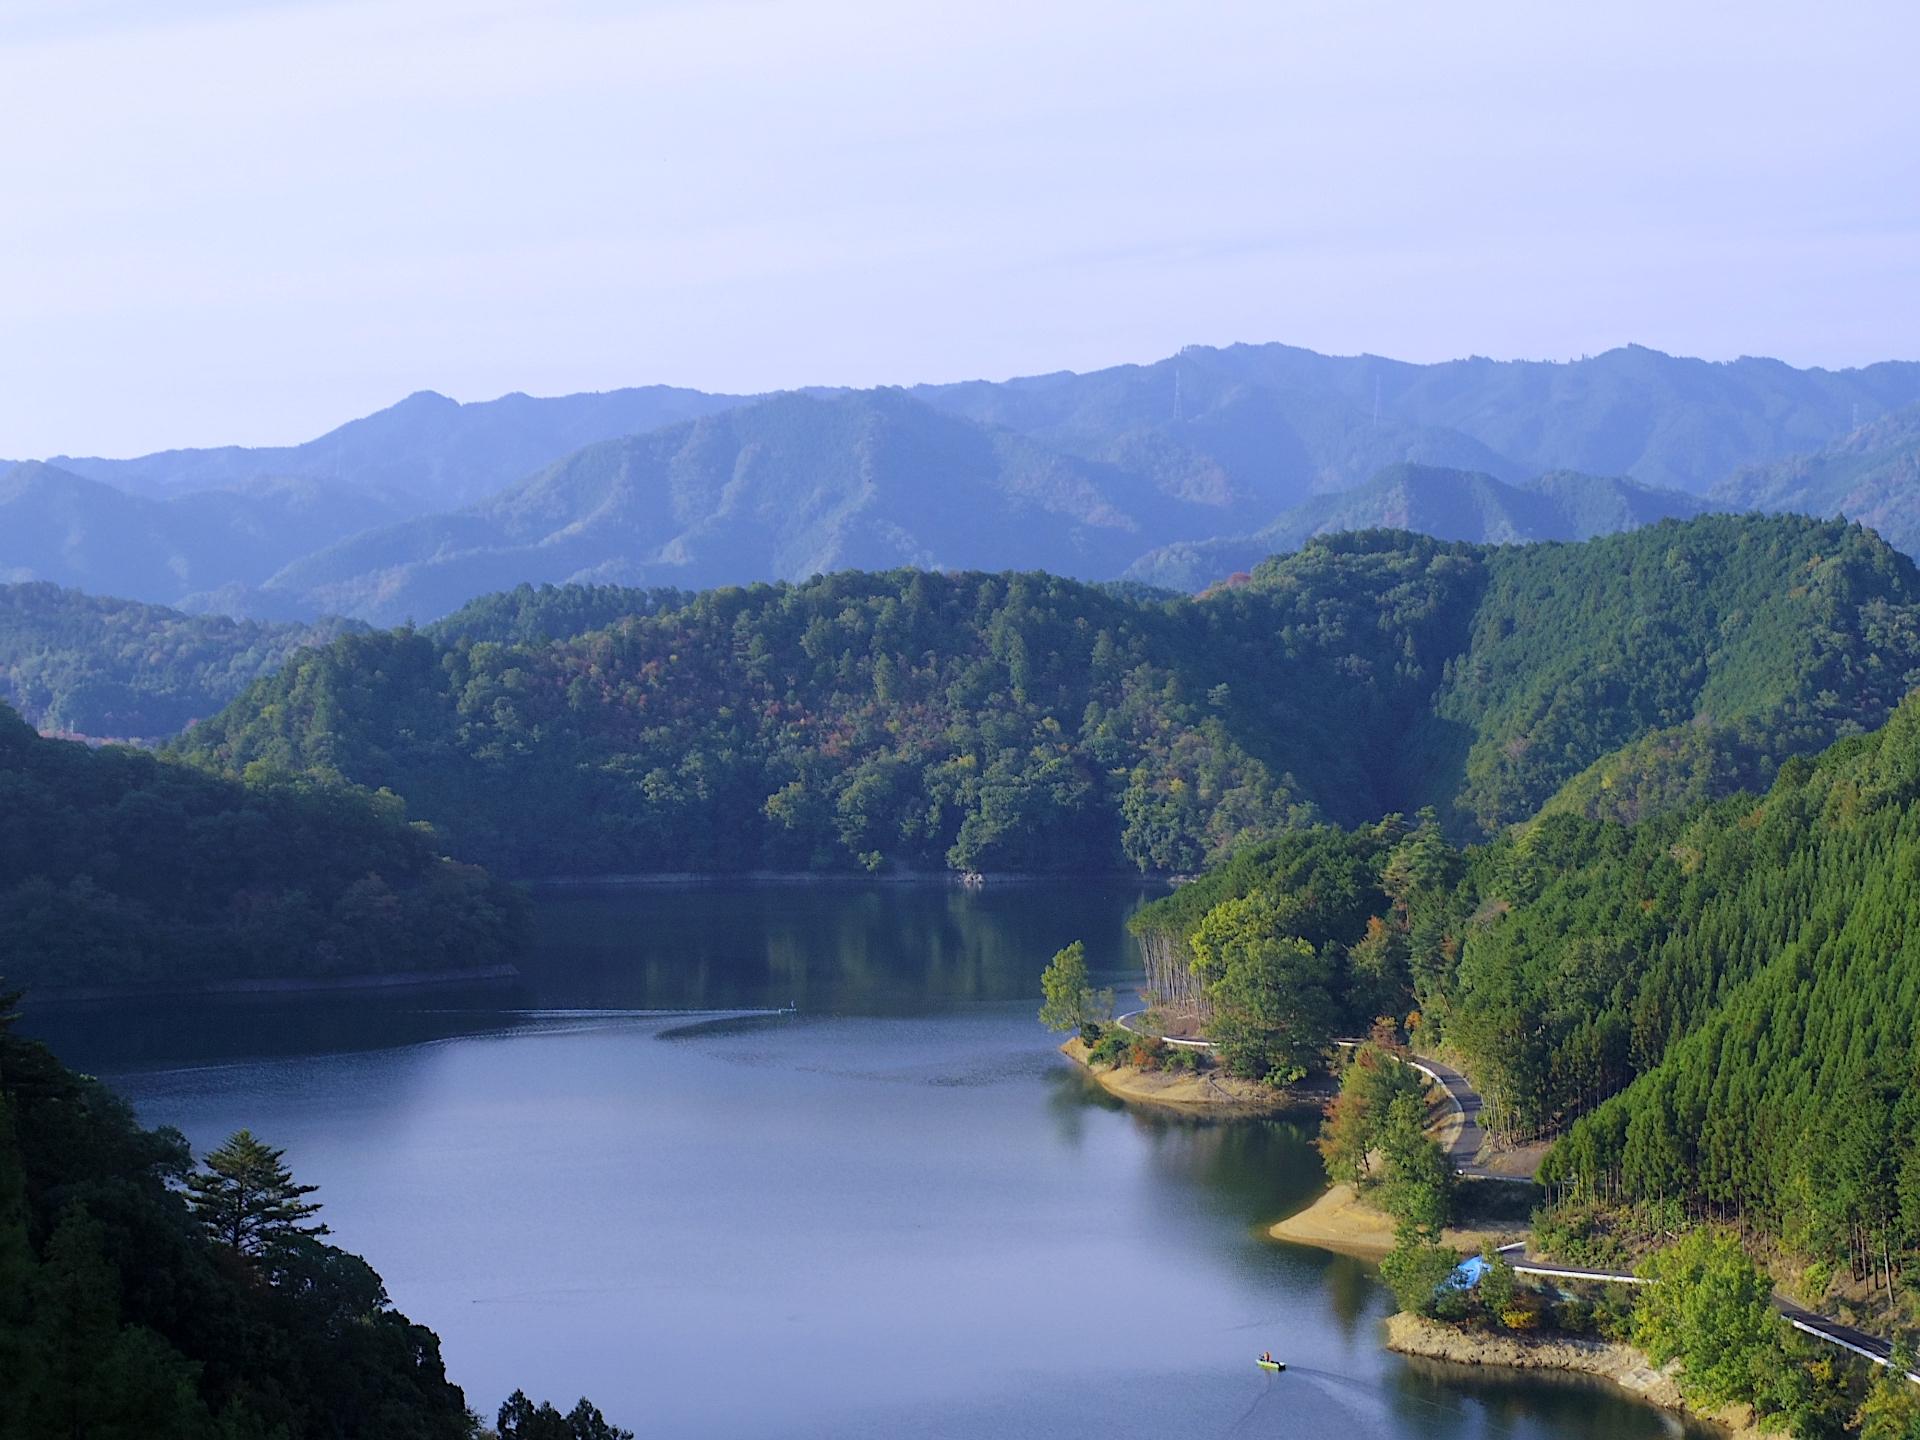 津風呂湖(津風呂ダム)